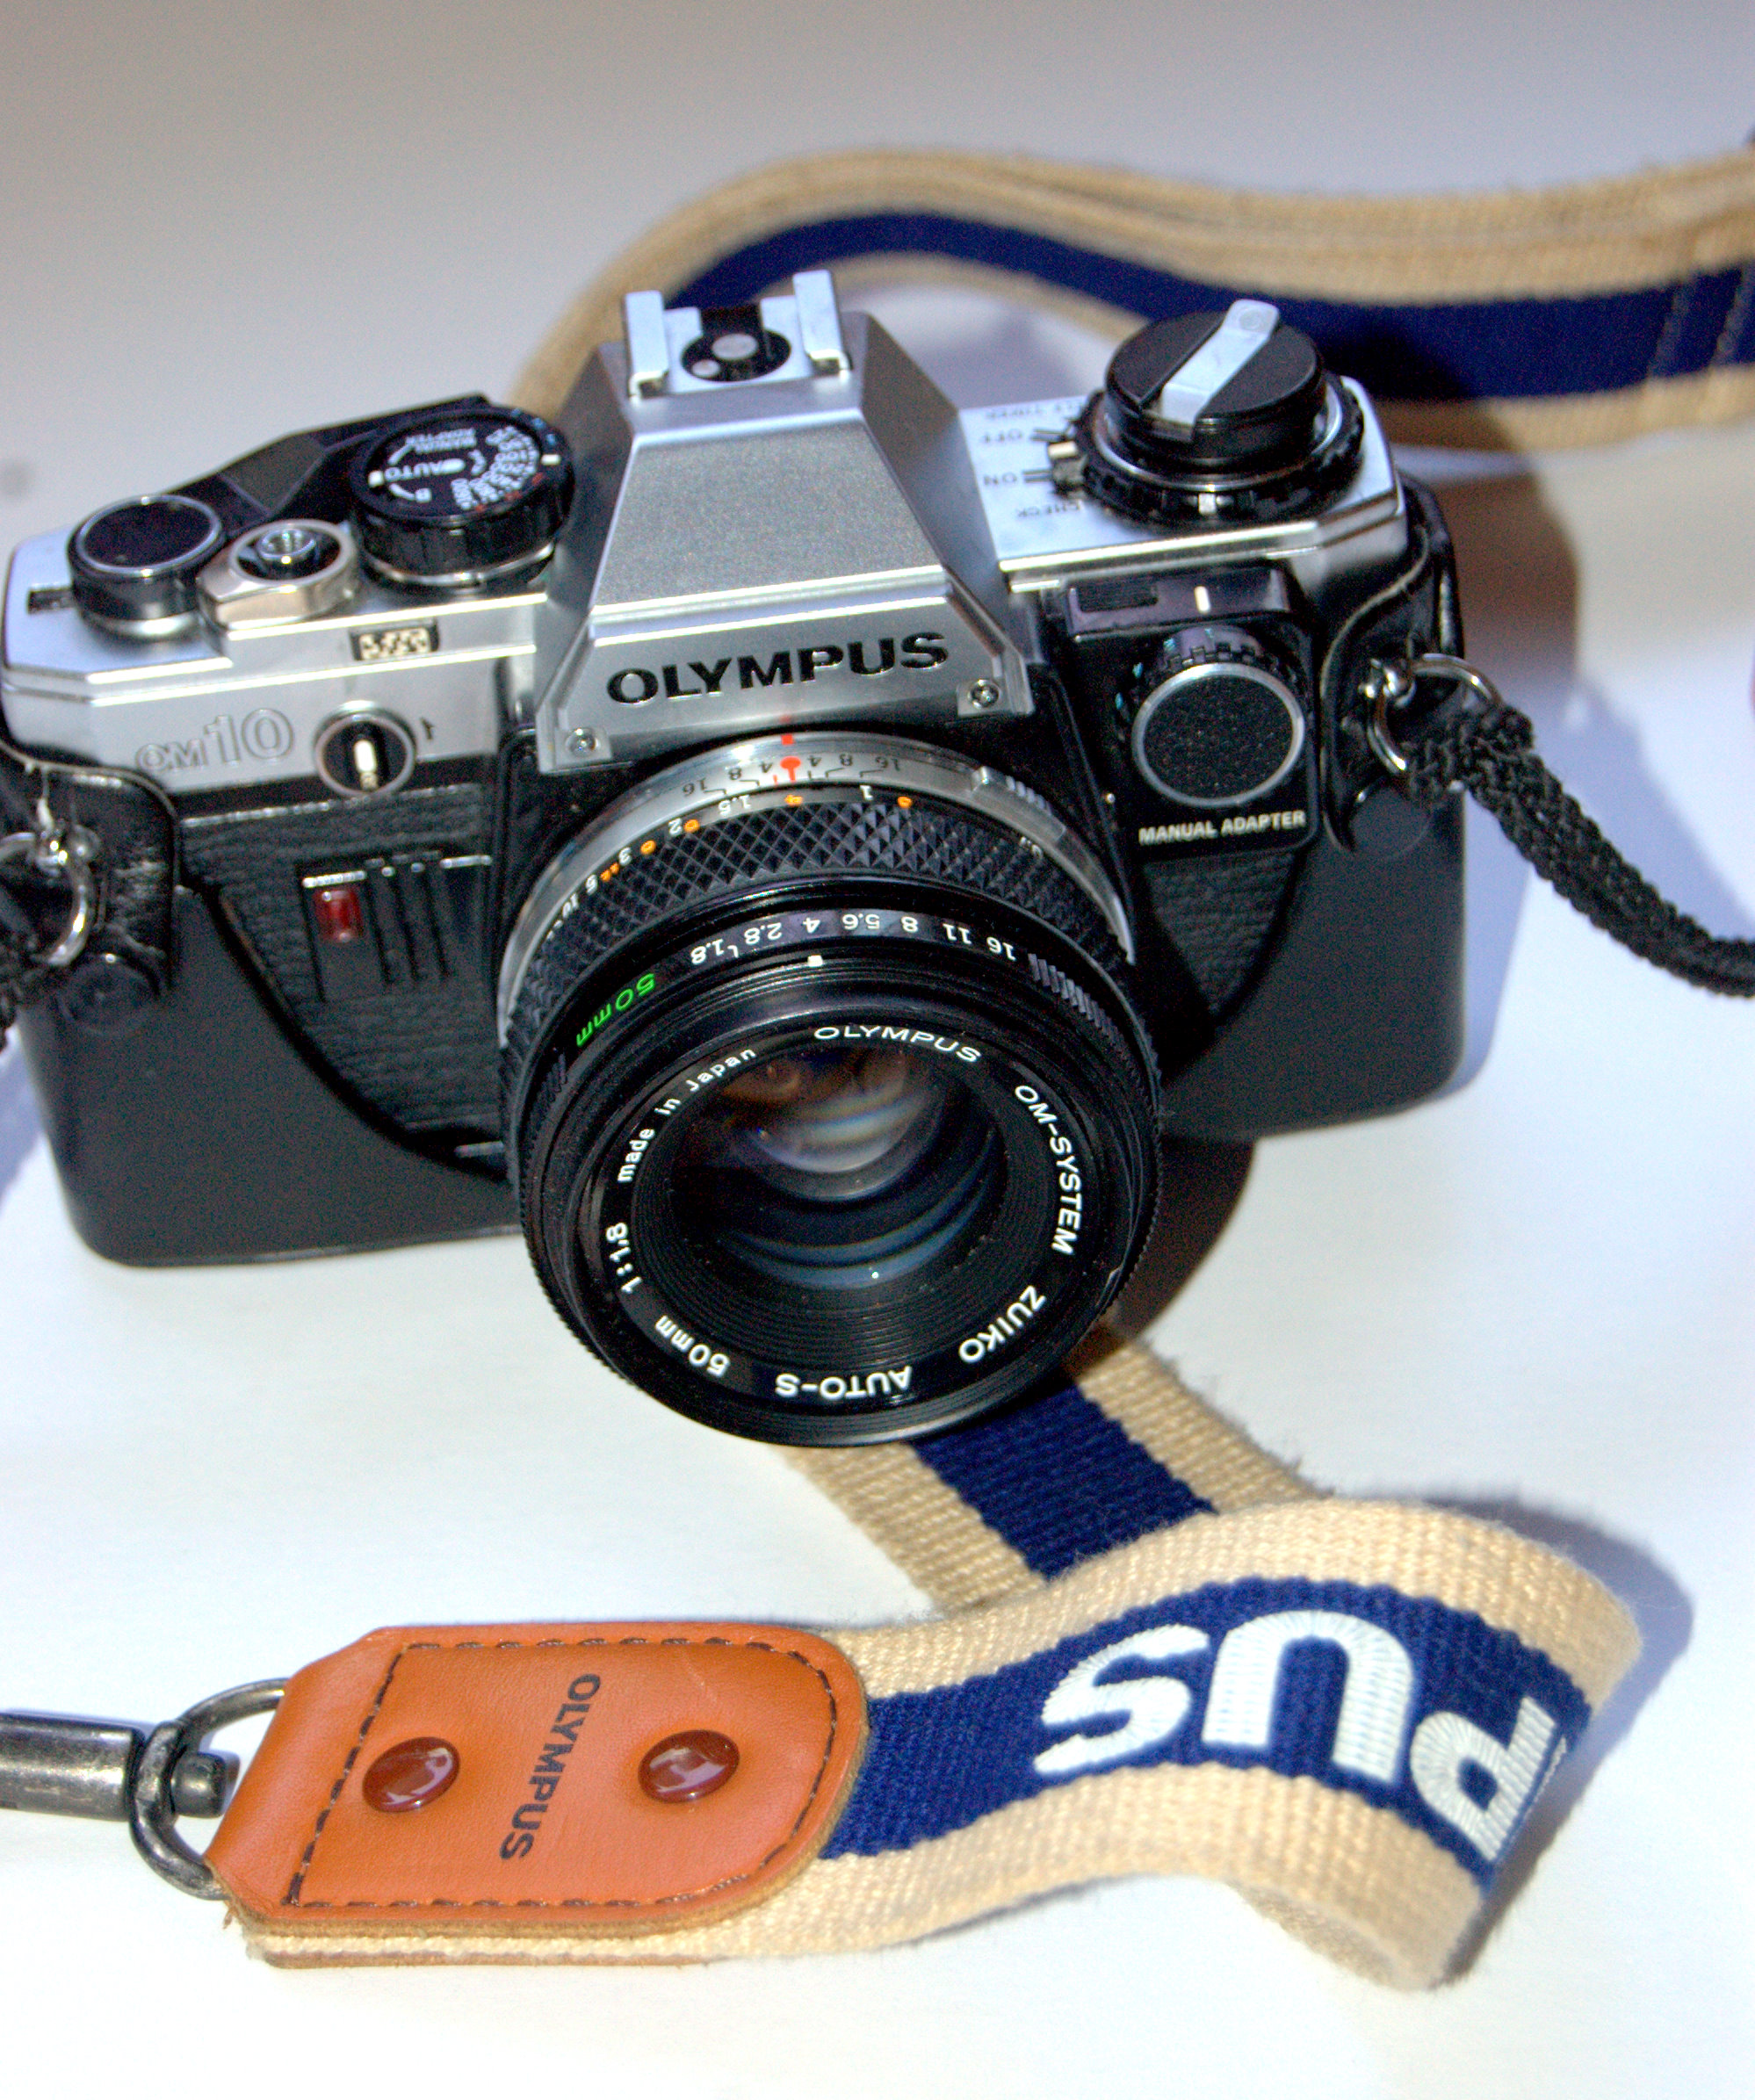 Kamera, Foto, Journalist, Recherche | Bild (Ausschnitt): © DTL - morgueFile